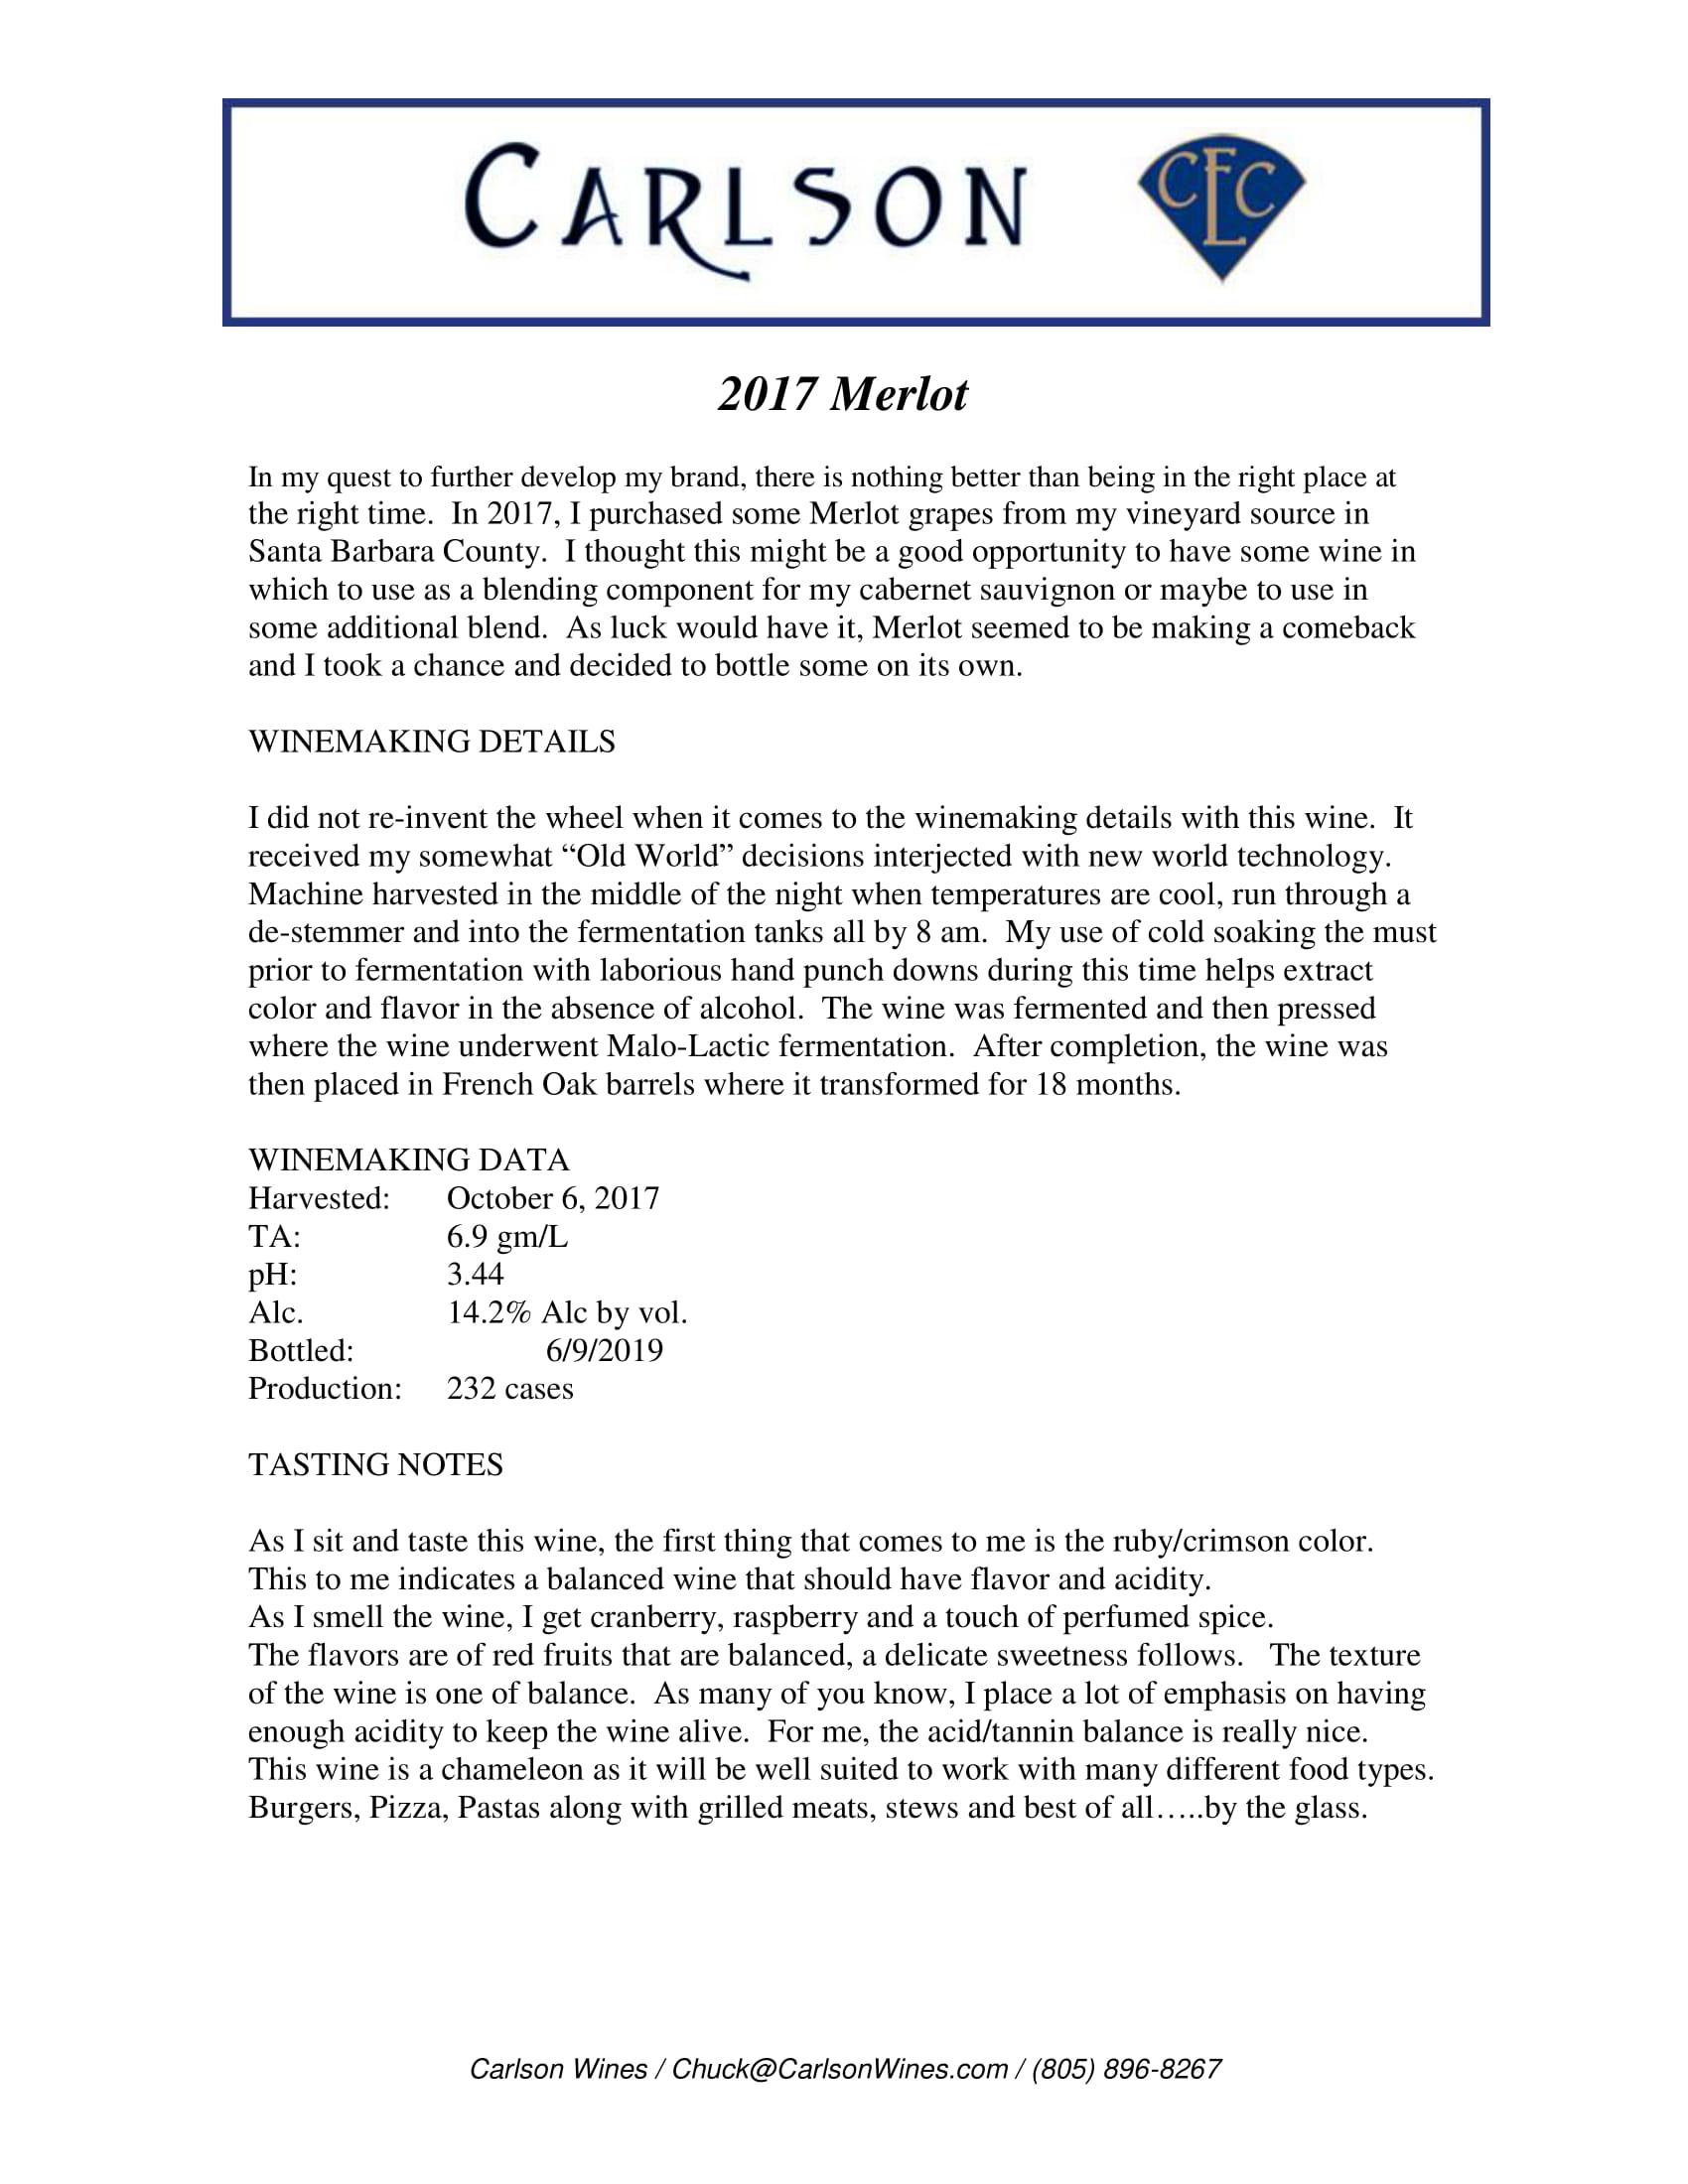 Carlson Merlot Tech Sheet